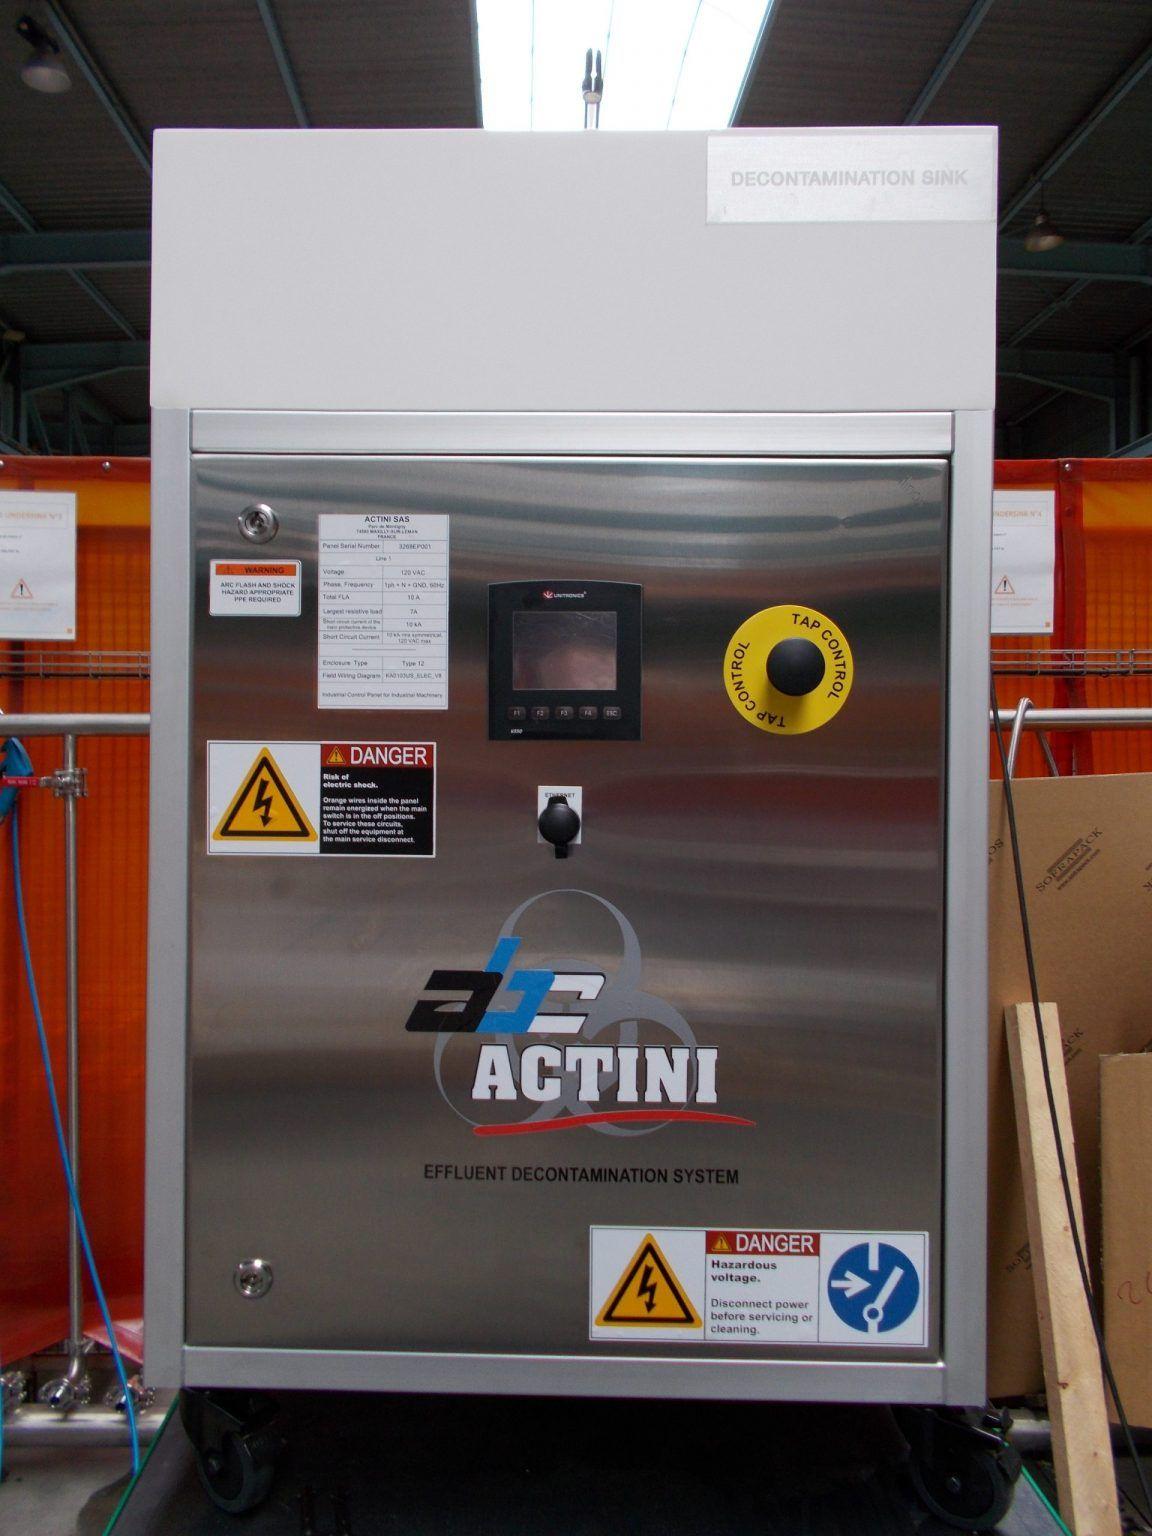 Sink biowaste decontamination system